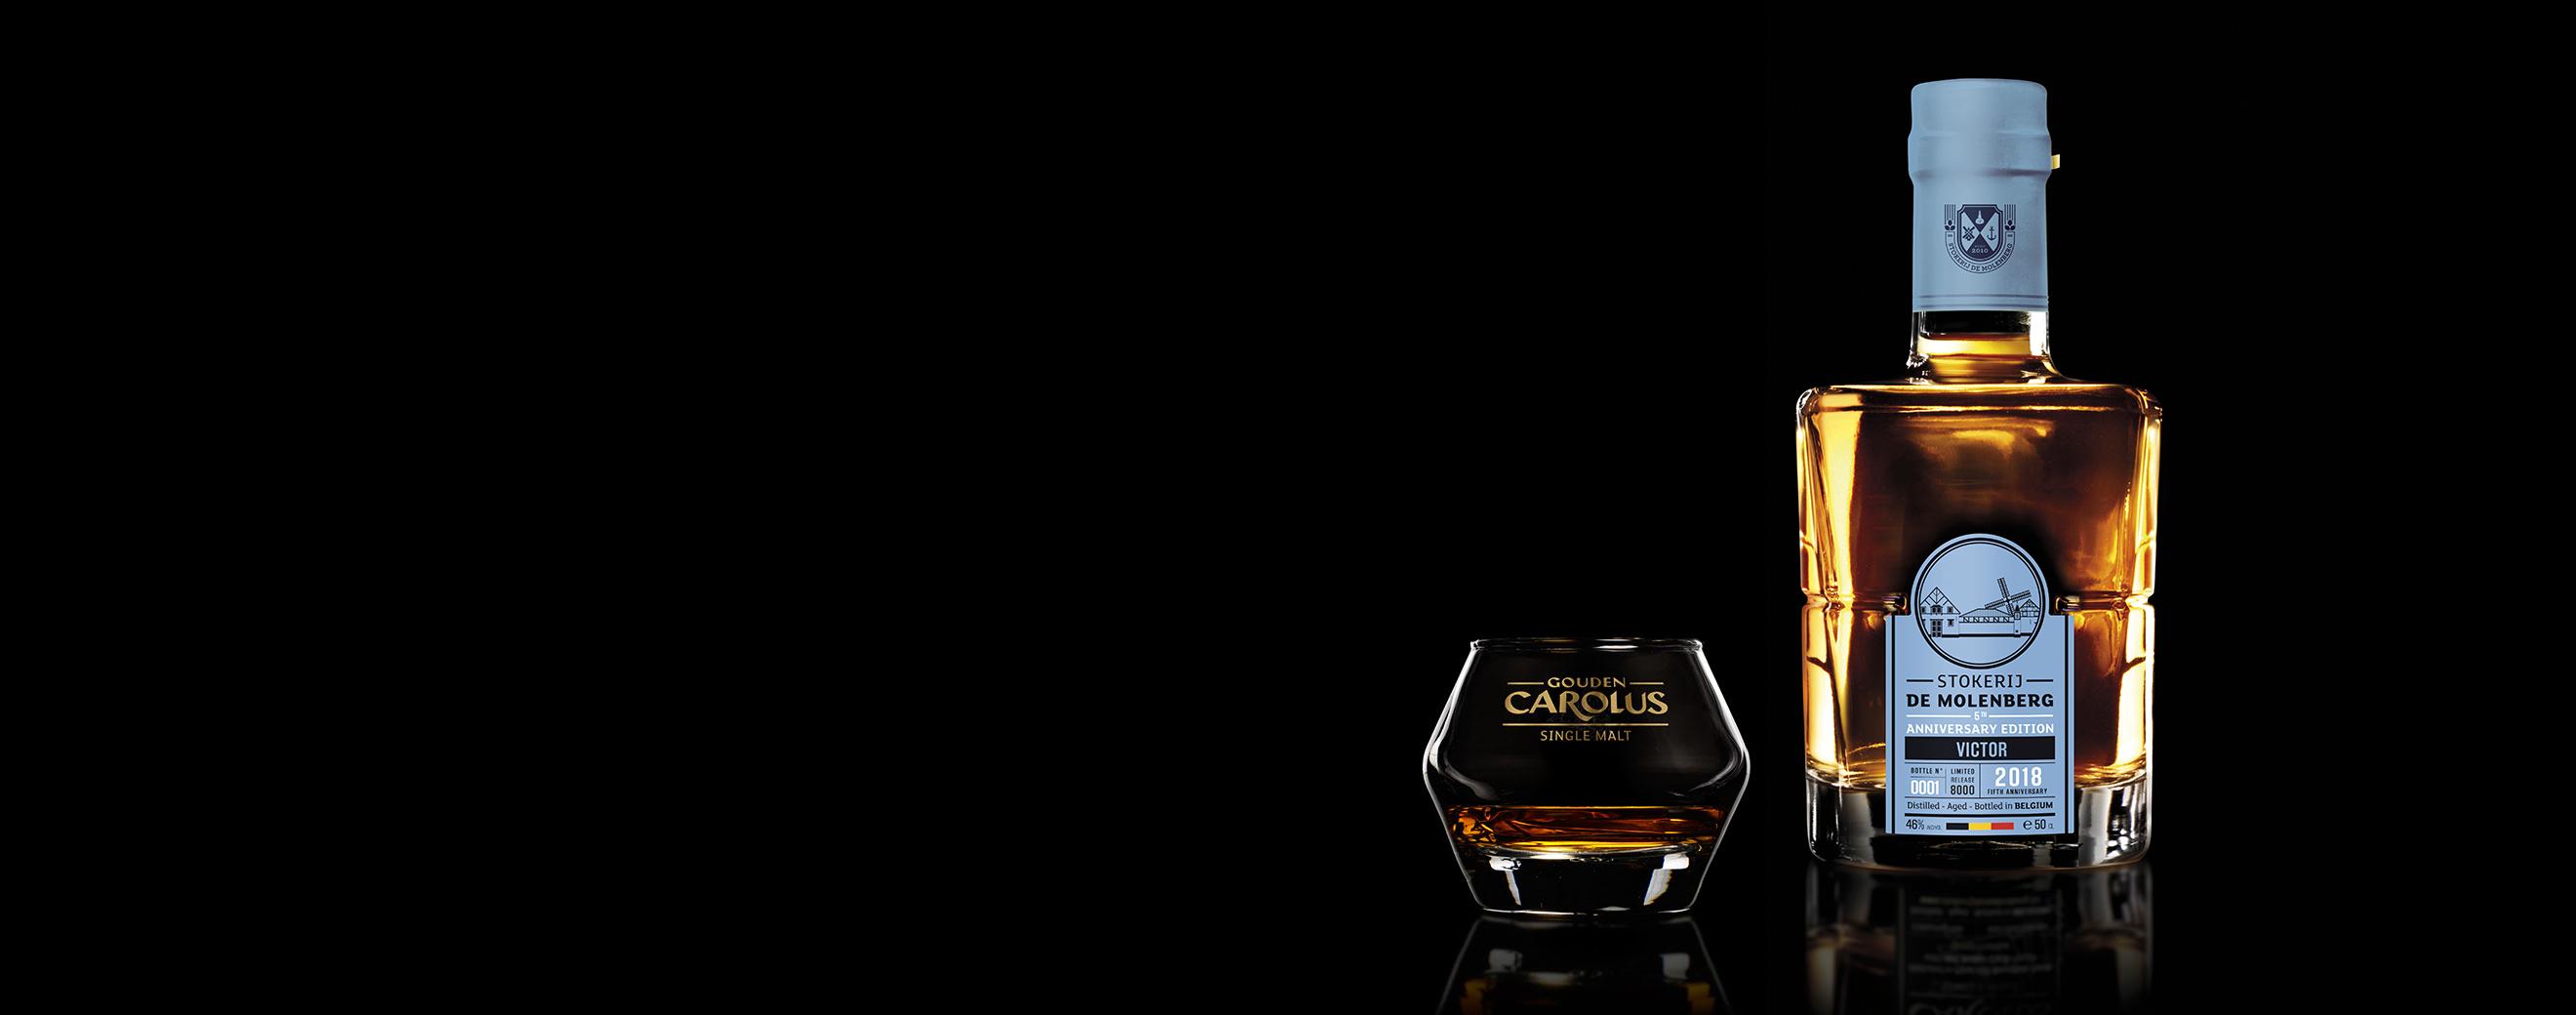 Victor (2018) Whisky Stokerij De Molenberg met glas